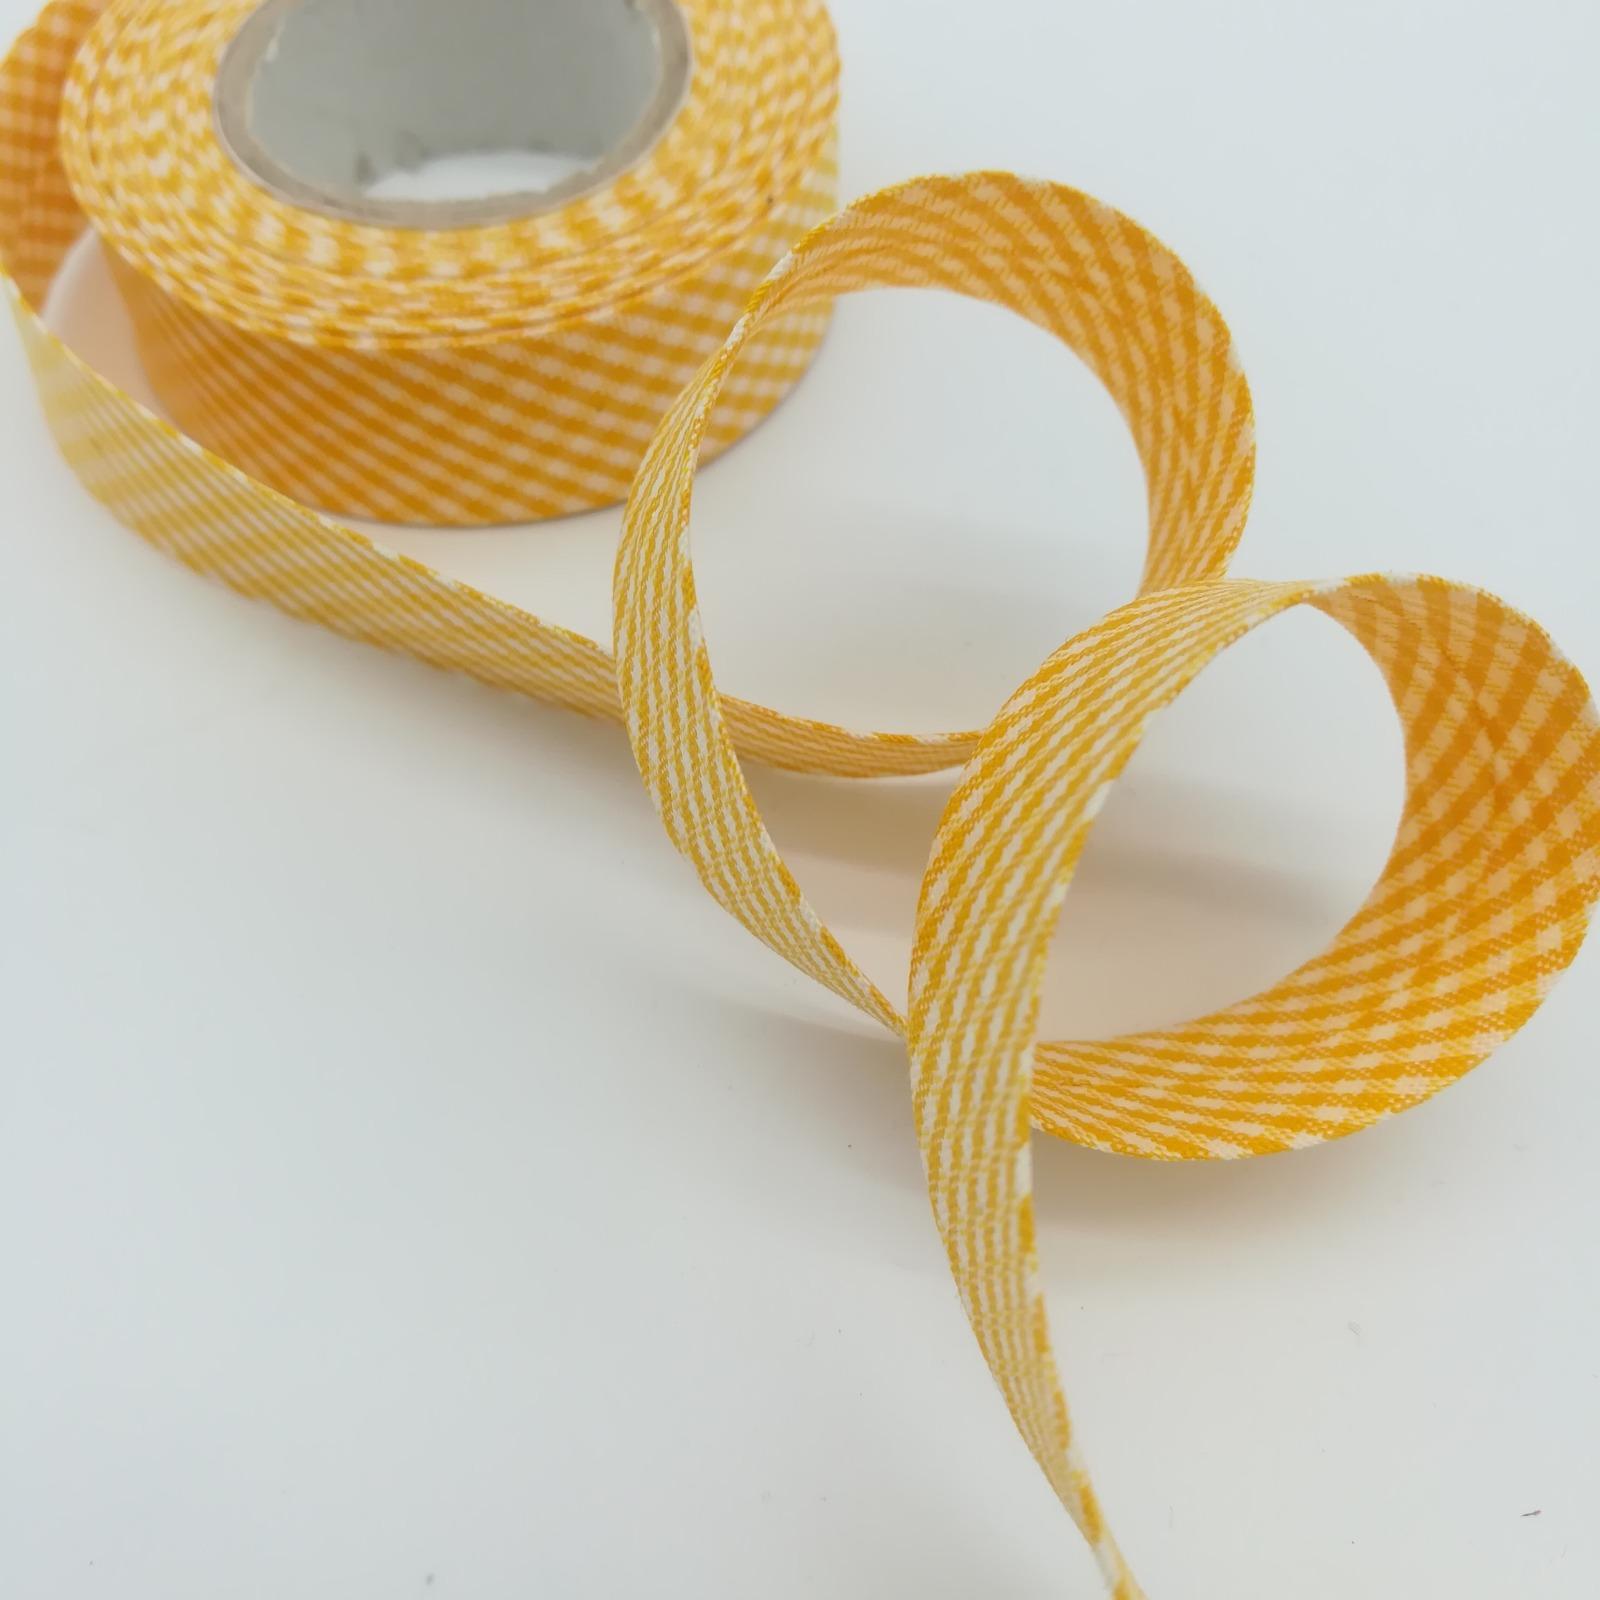 Schrägband 1 Meter gelb-weiß kariert